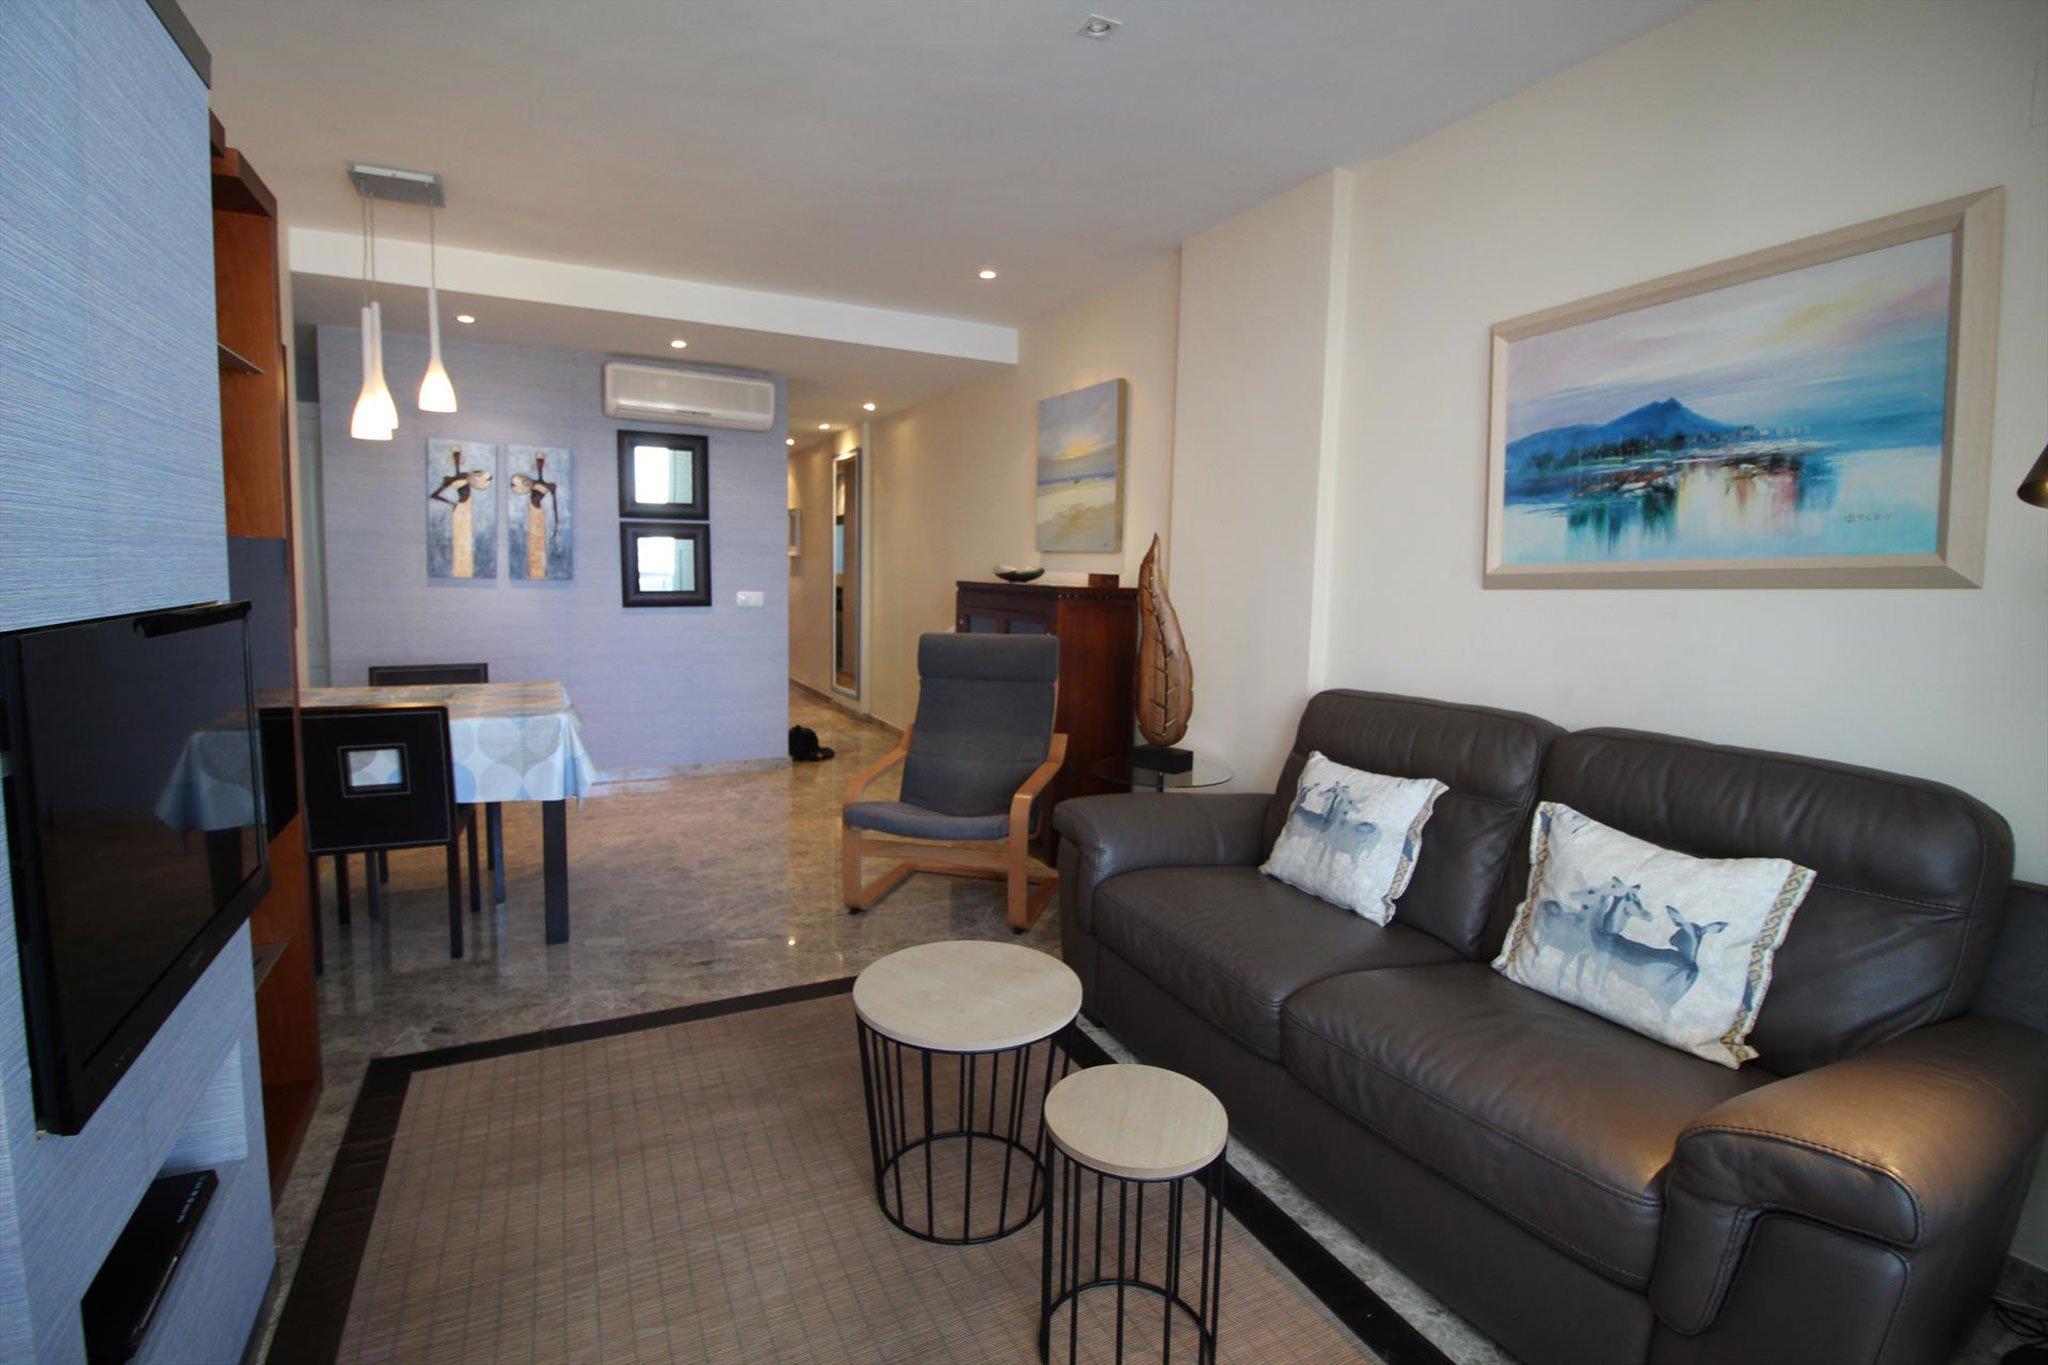 Salón comedor de un apartamento de vacaciones para cinco personas en Jávea – MMC Property Serivces